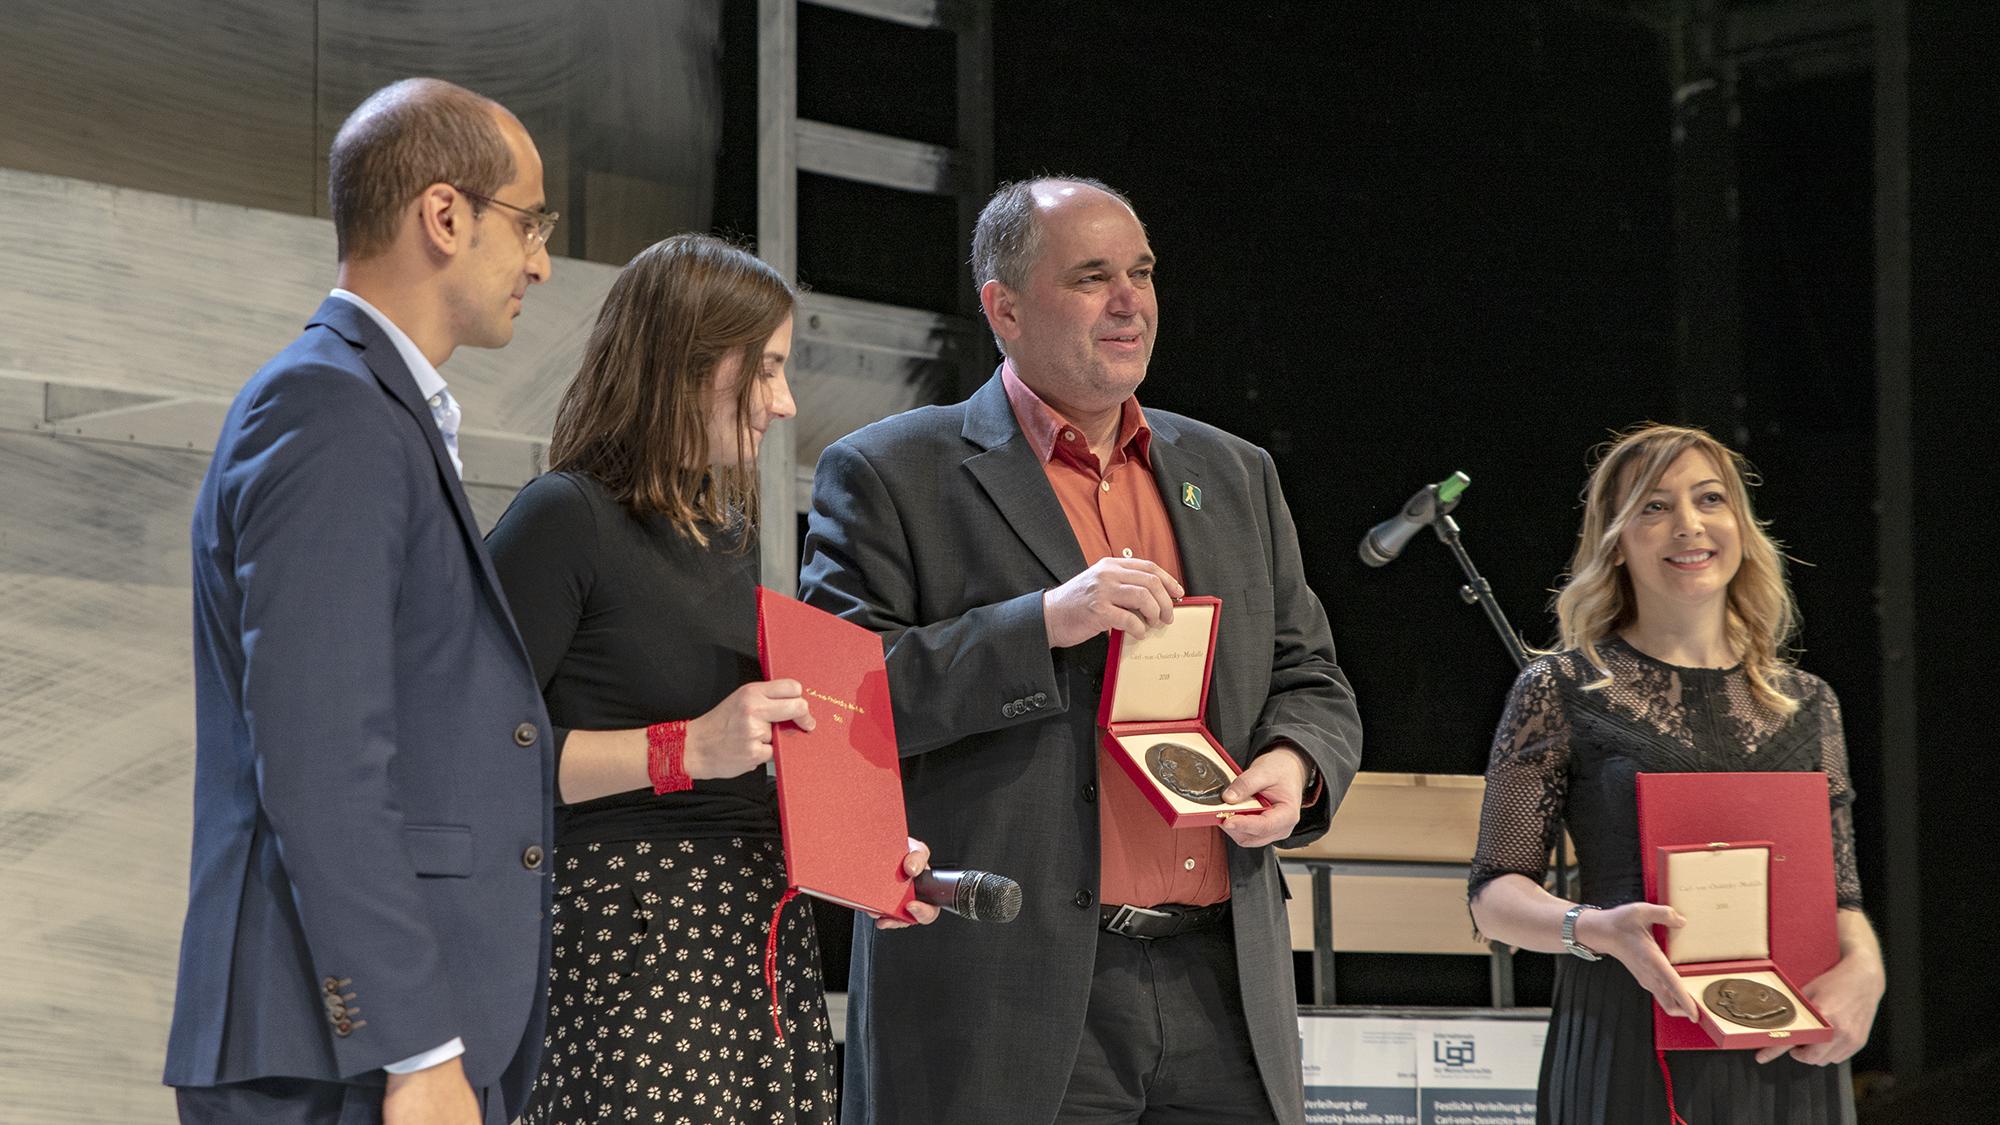 Ottmar Miles-Paul und Leyla Imrit erhalten die Carl-von-Ossietzky-Medaille 2018